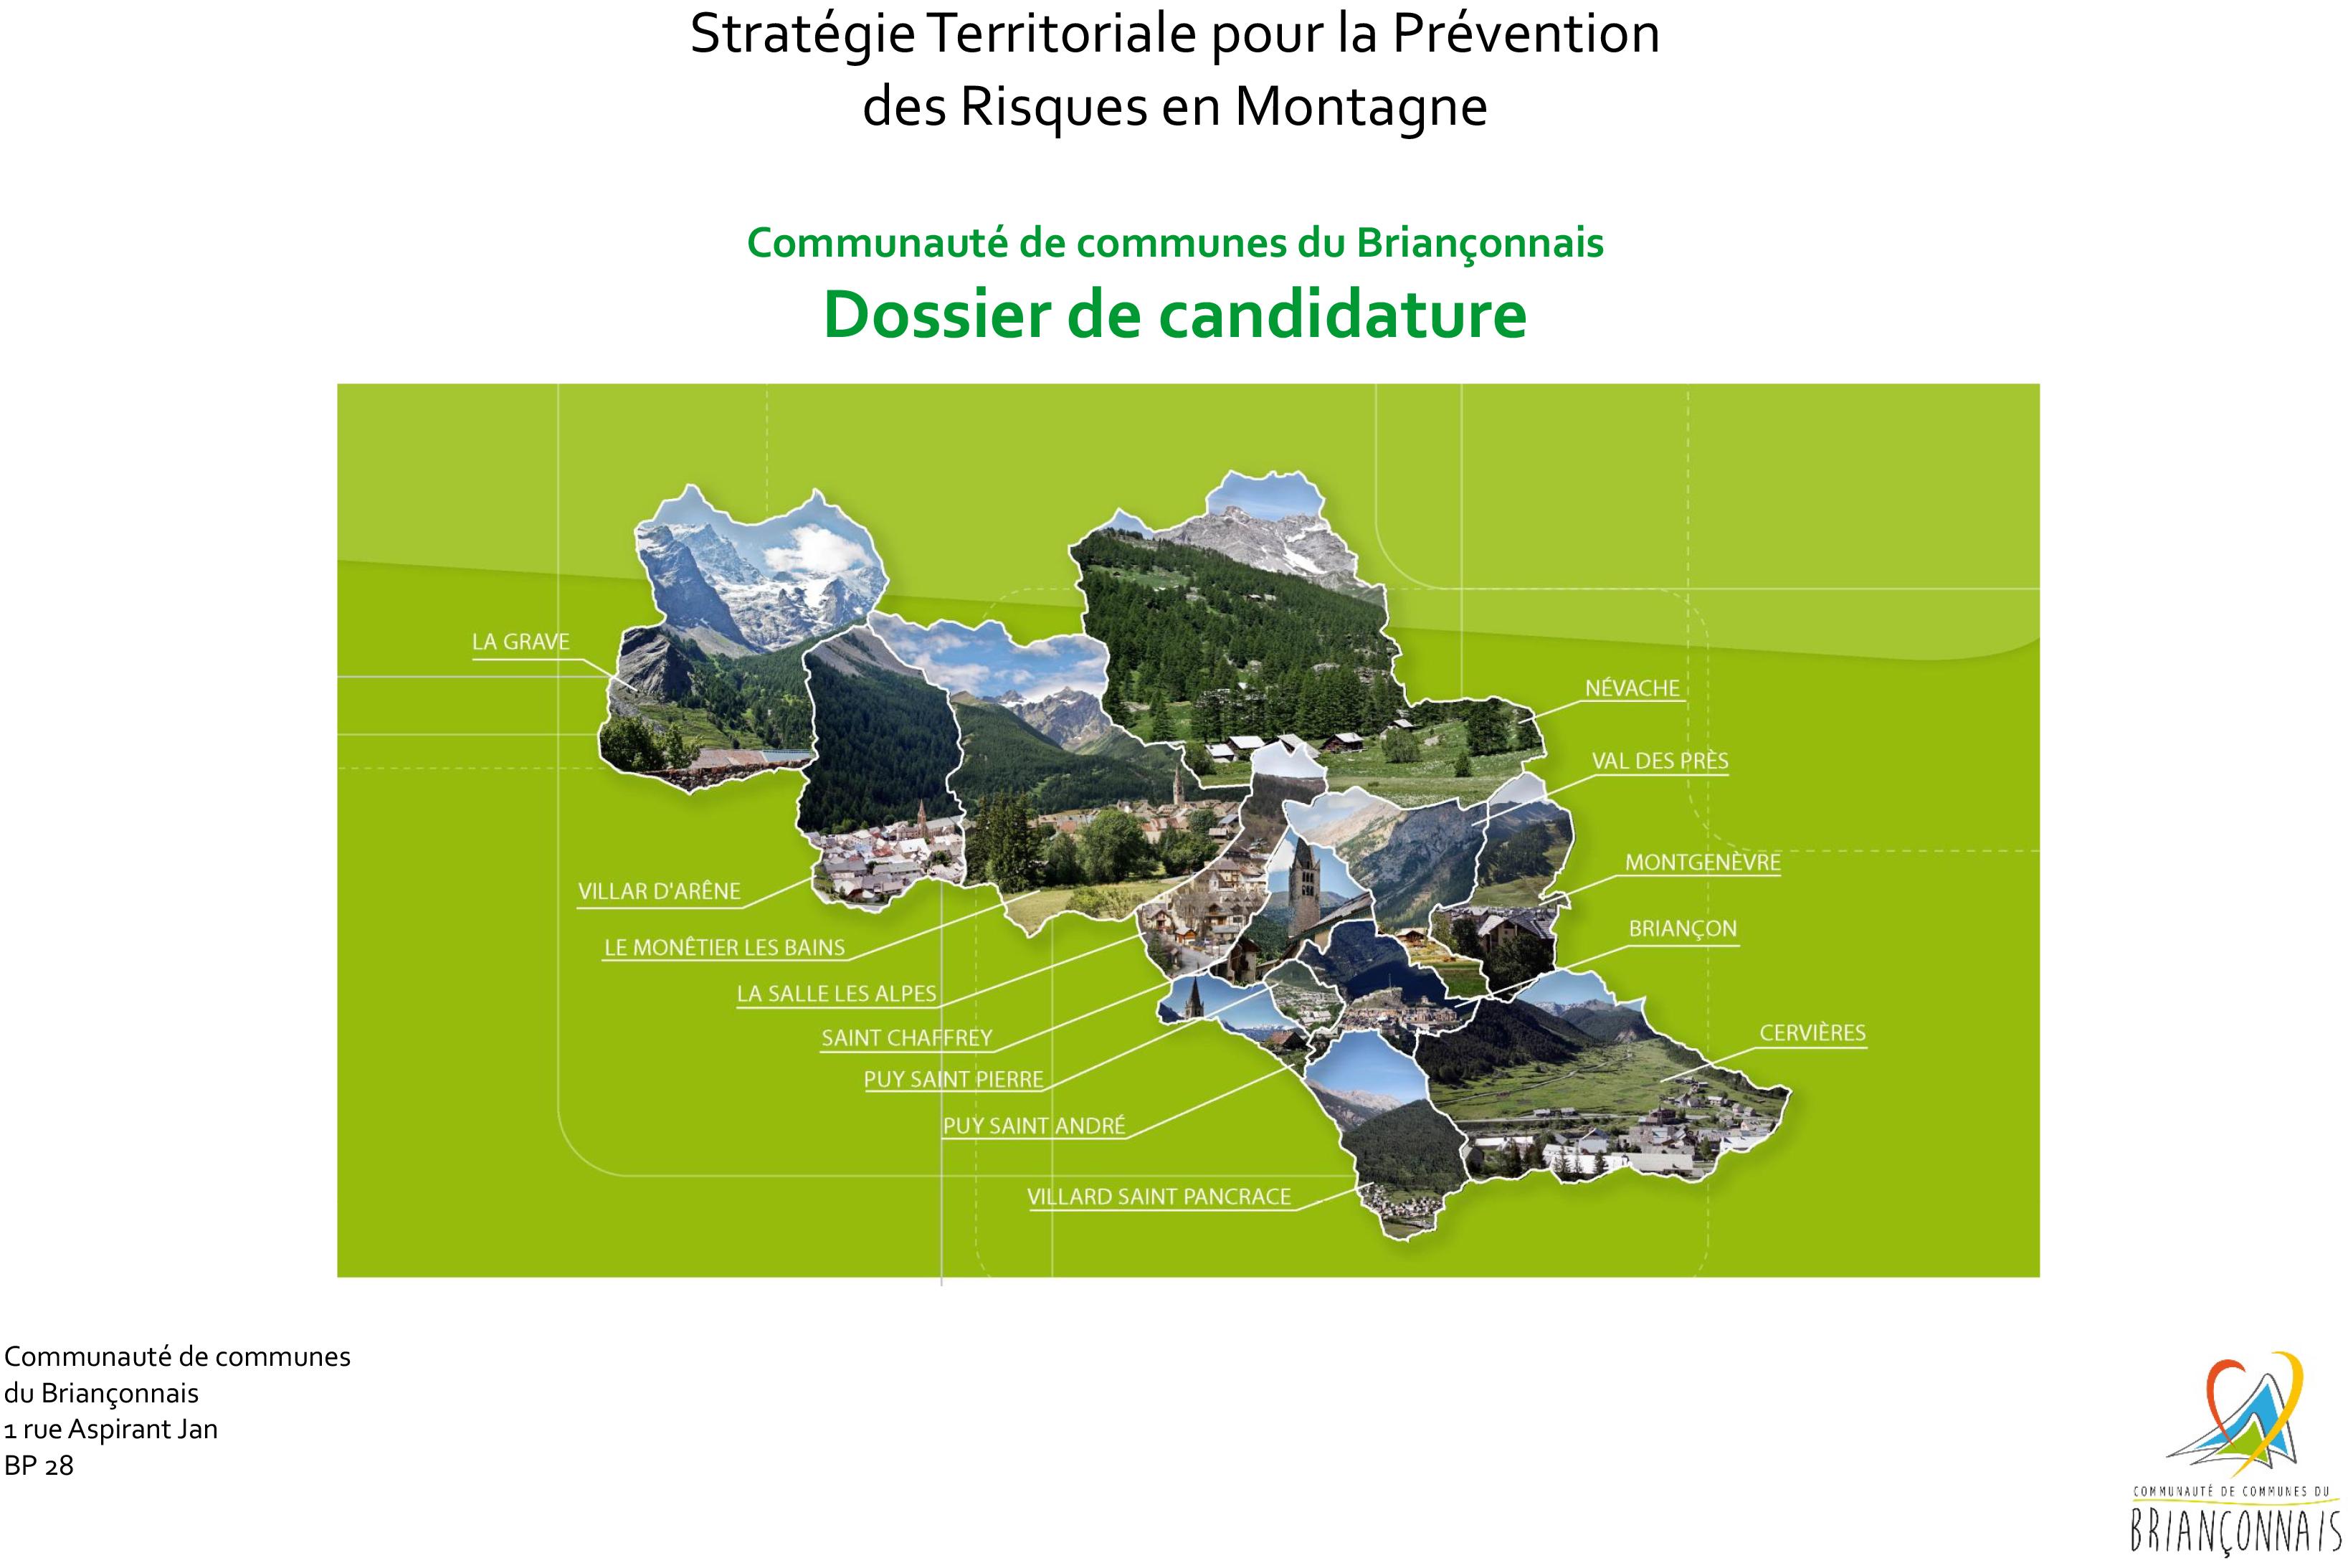 4_2020_01_08_dossier_candidatureccb_steprim-1.jpg